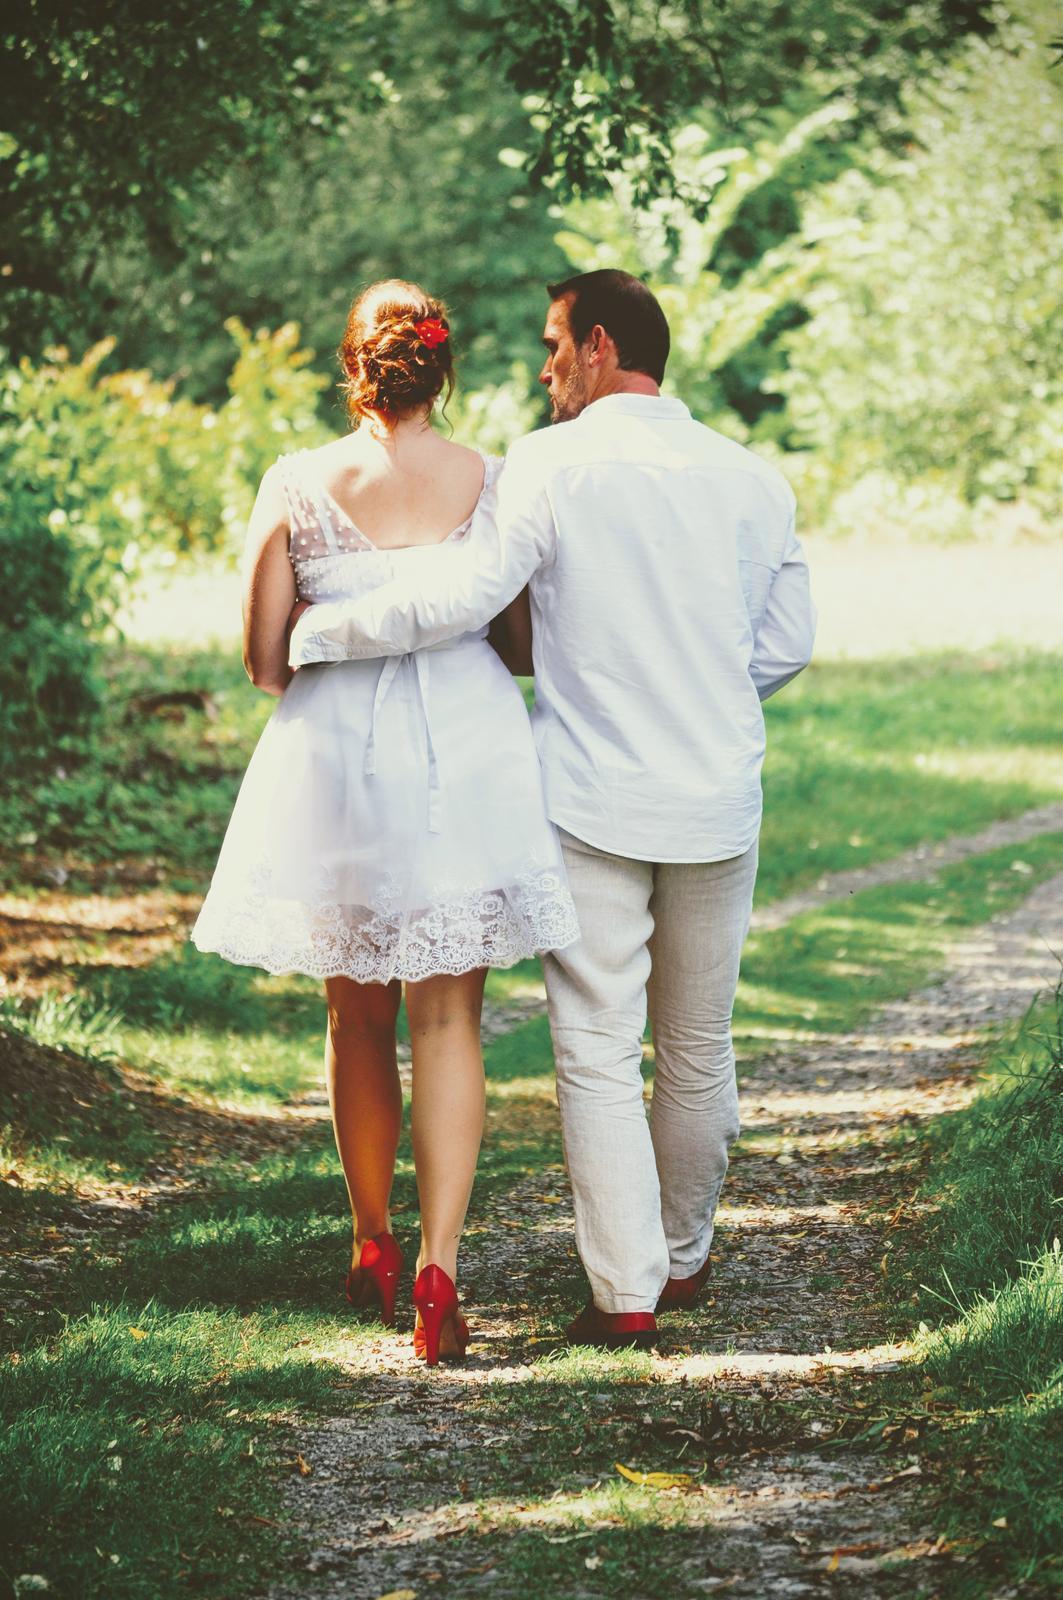 Krátké bílé svatební šaty s perličkami - Obrázek č. 1